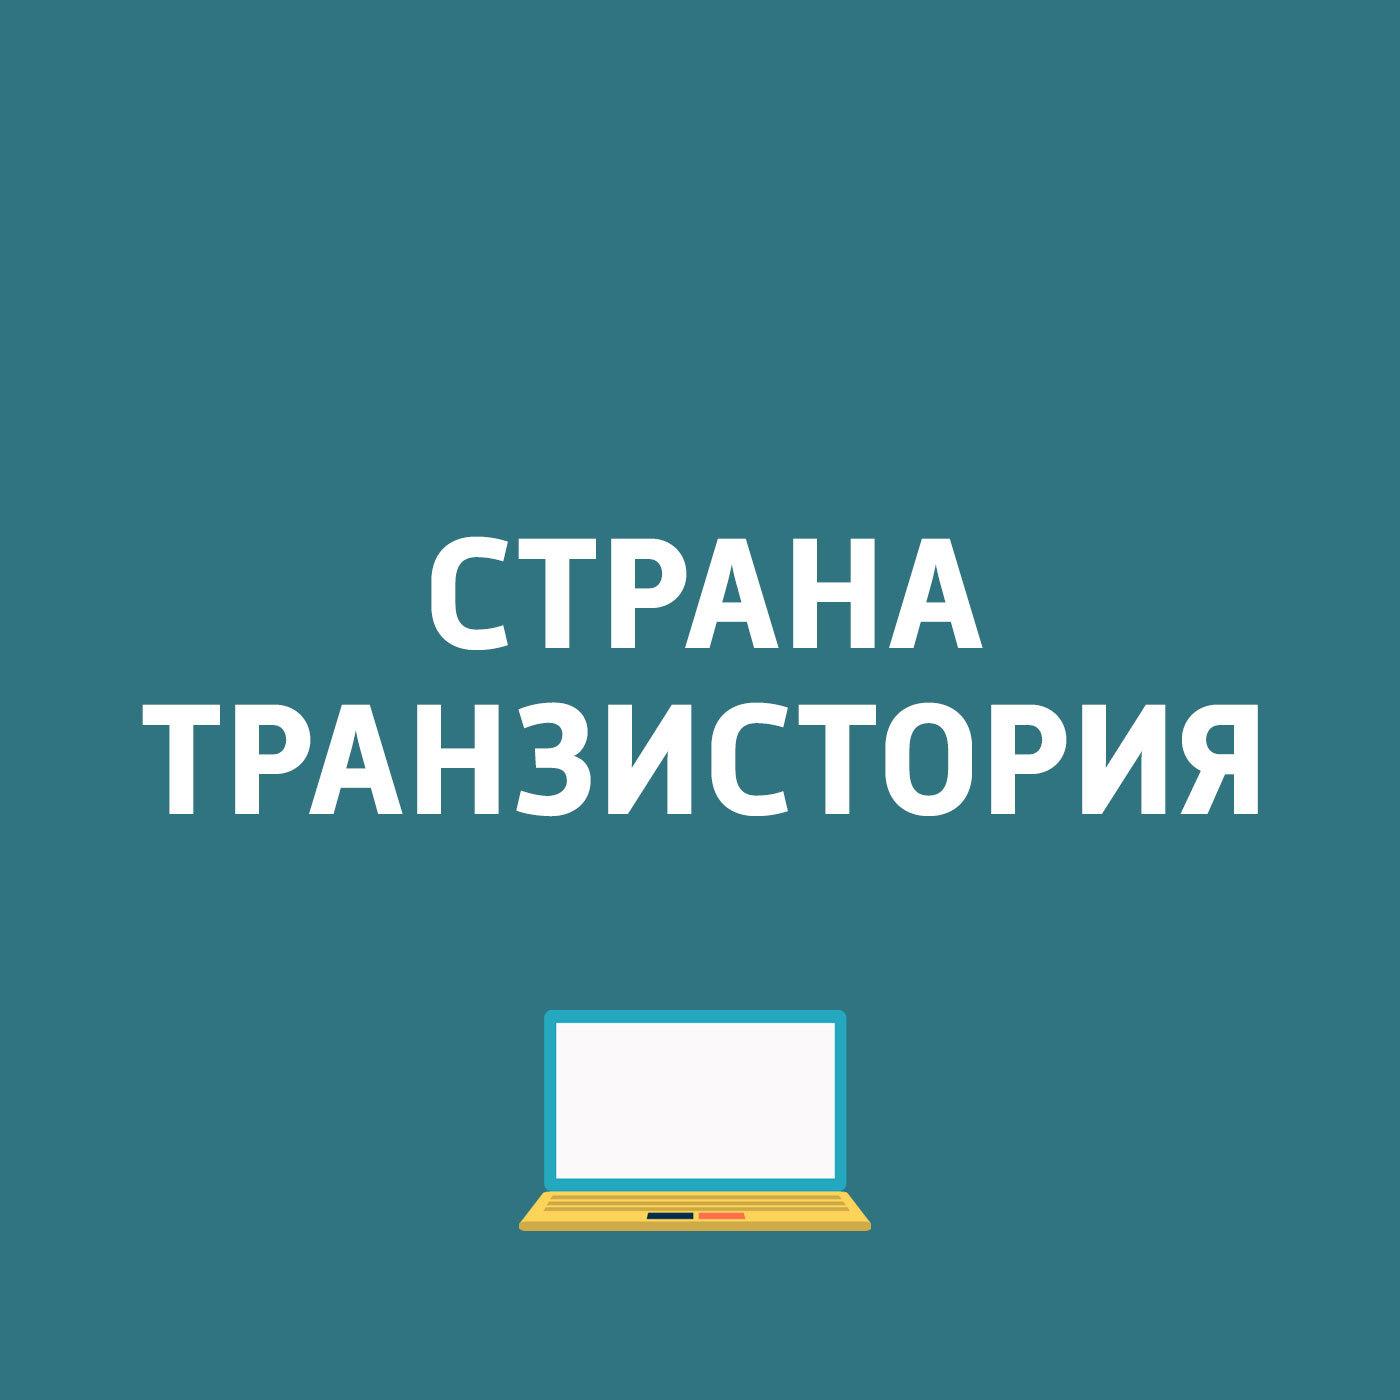 Moto Zи Moto Z Force; Новые факты о создании Syberia 3; Лучшее от Google Play...